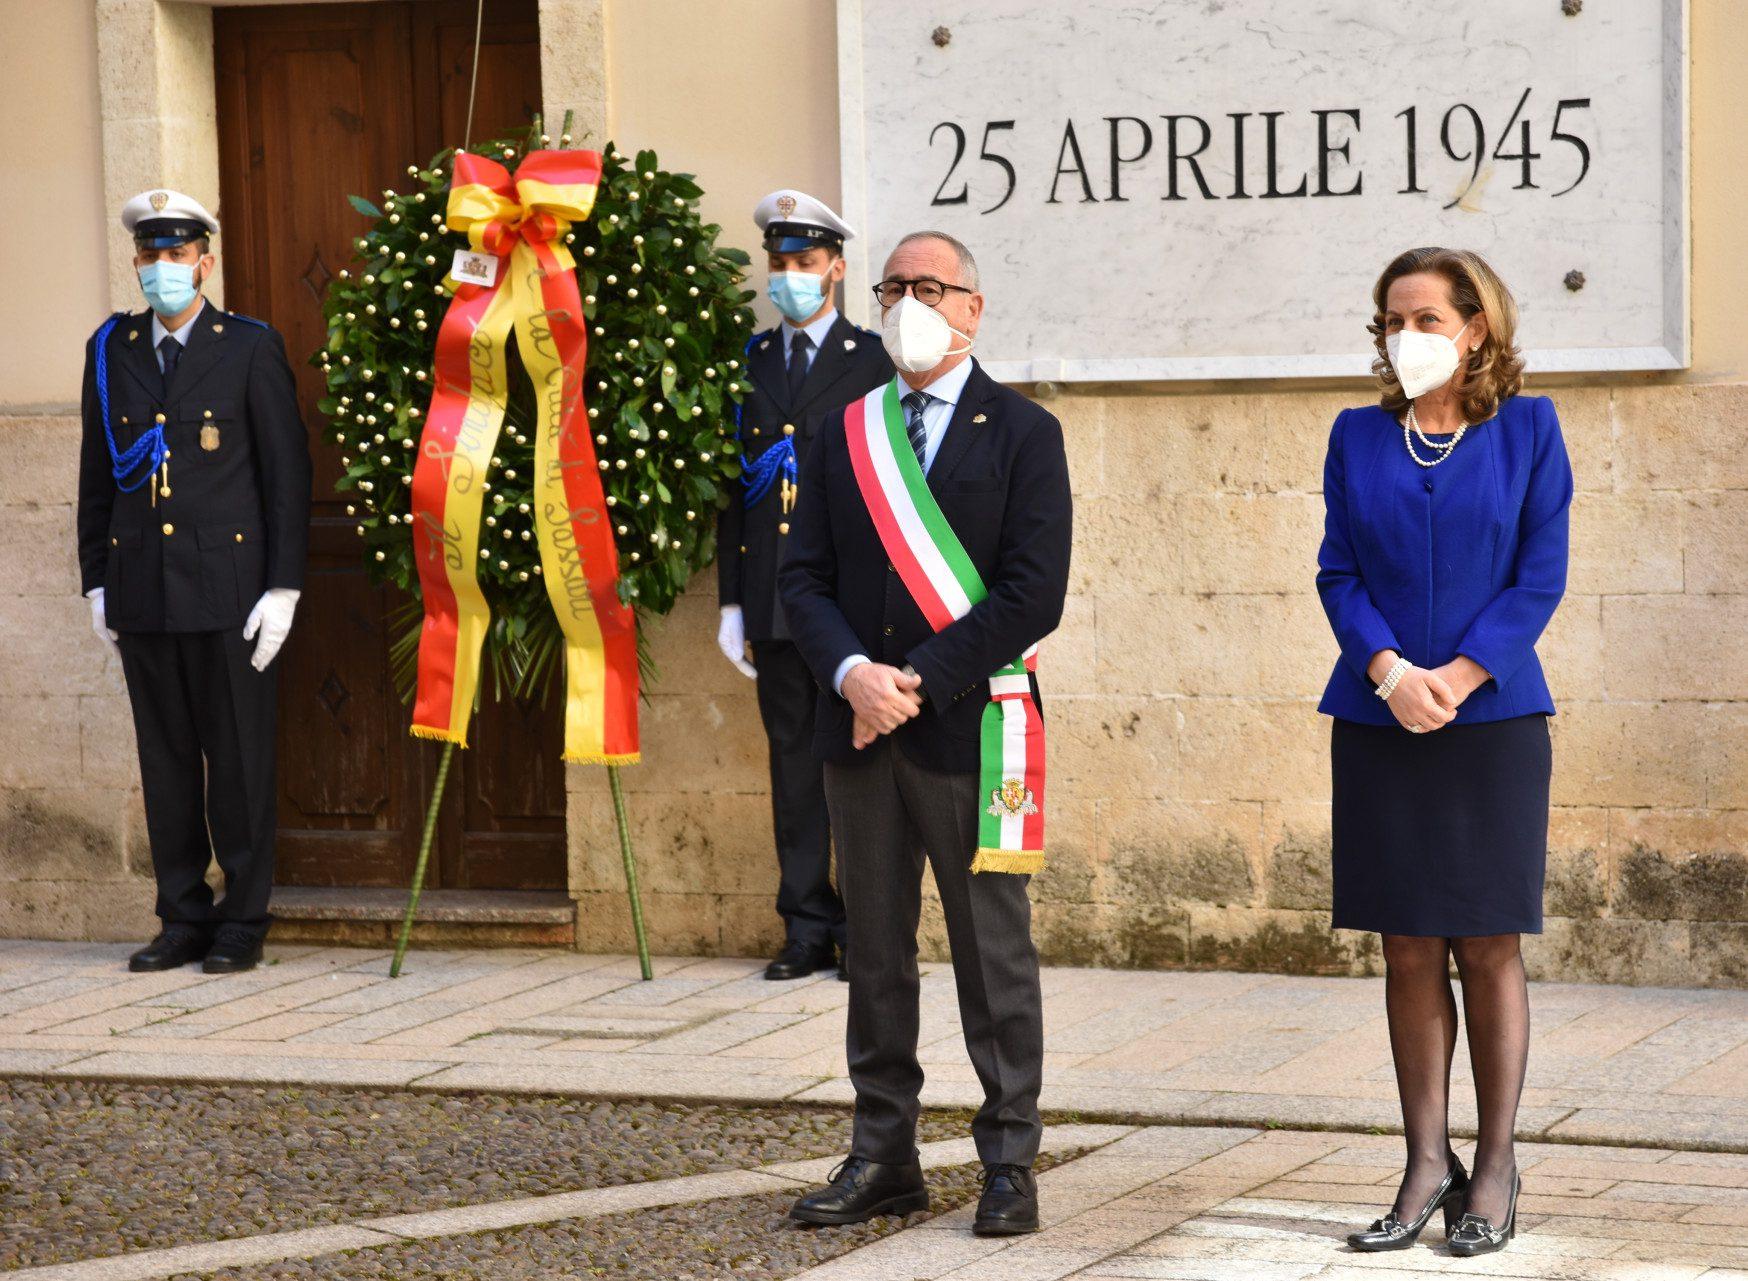 Sassari – 25 aprile, a Palazzo Ducale cerimonia ristretta e significativa